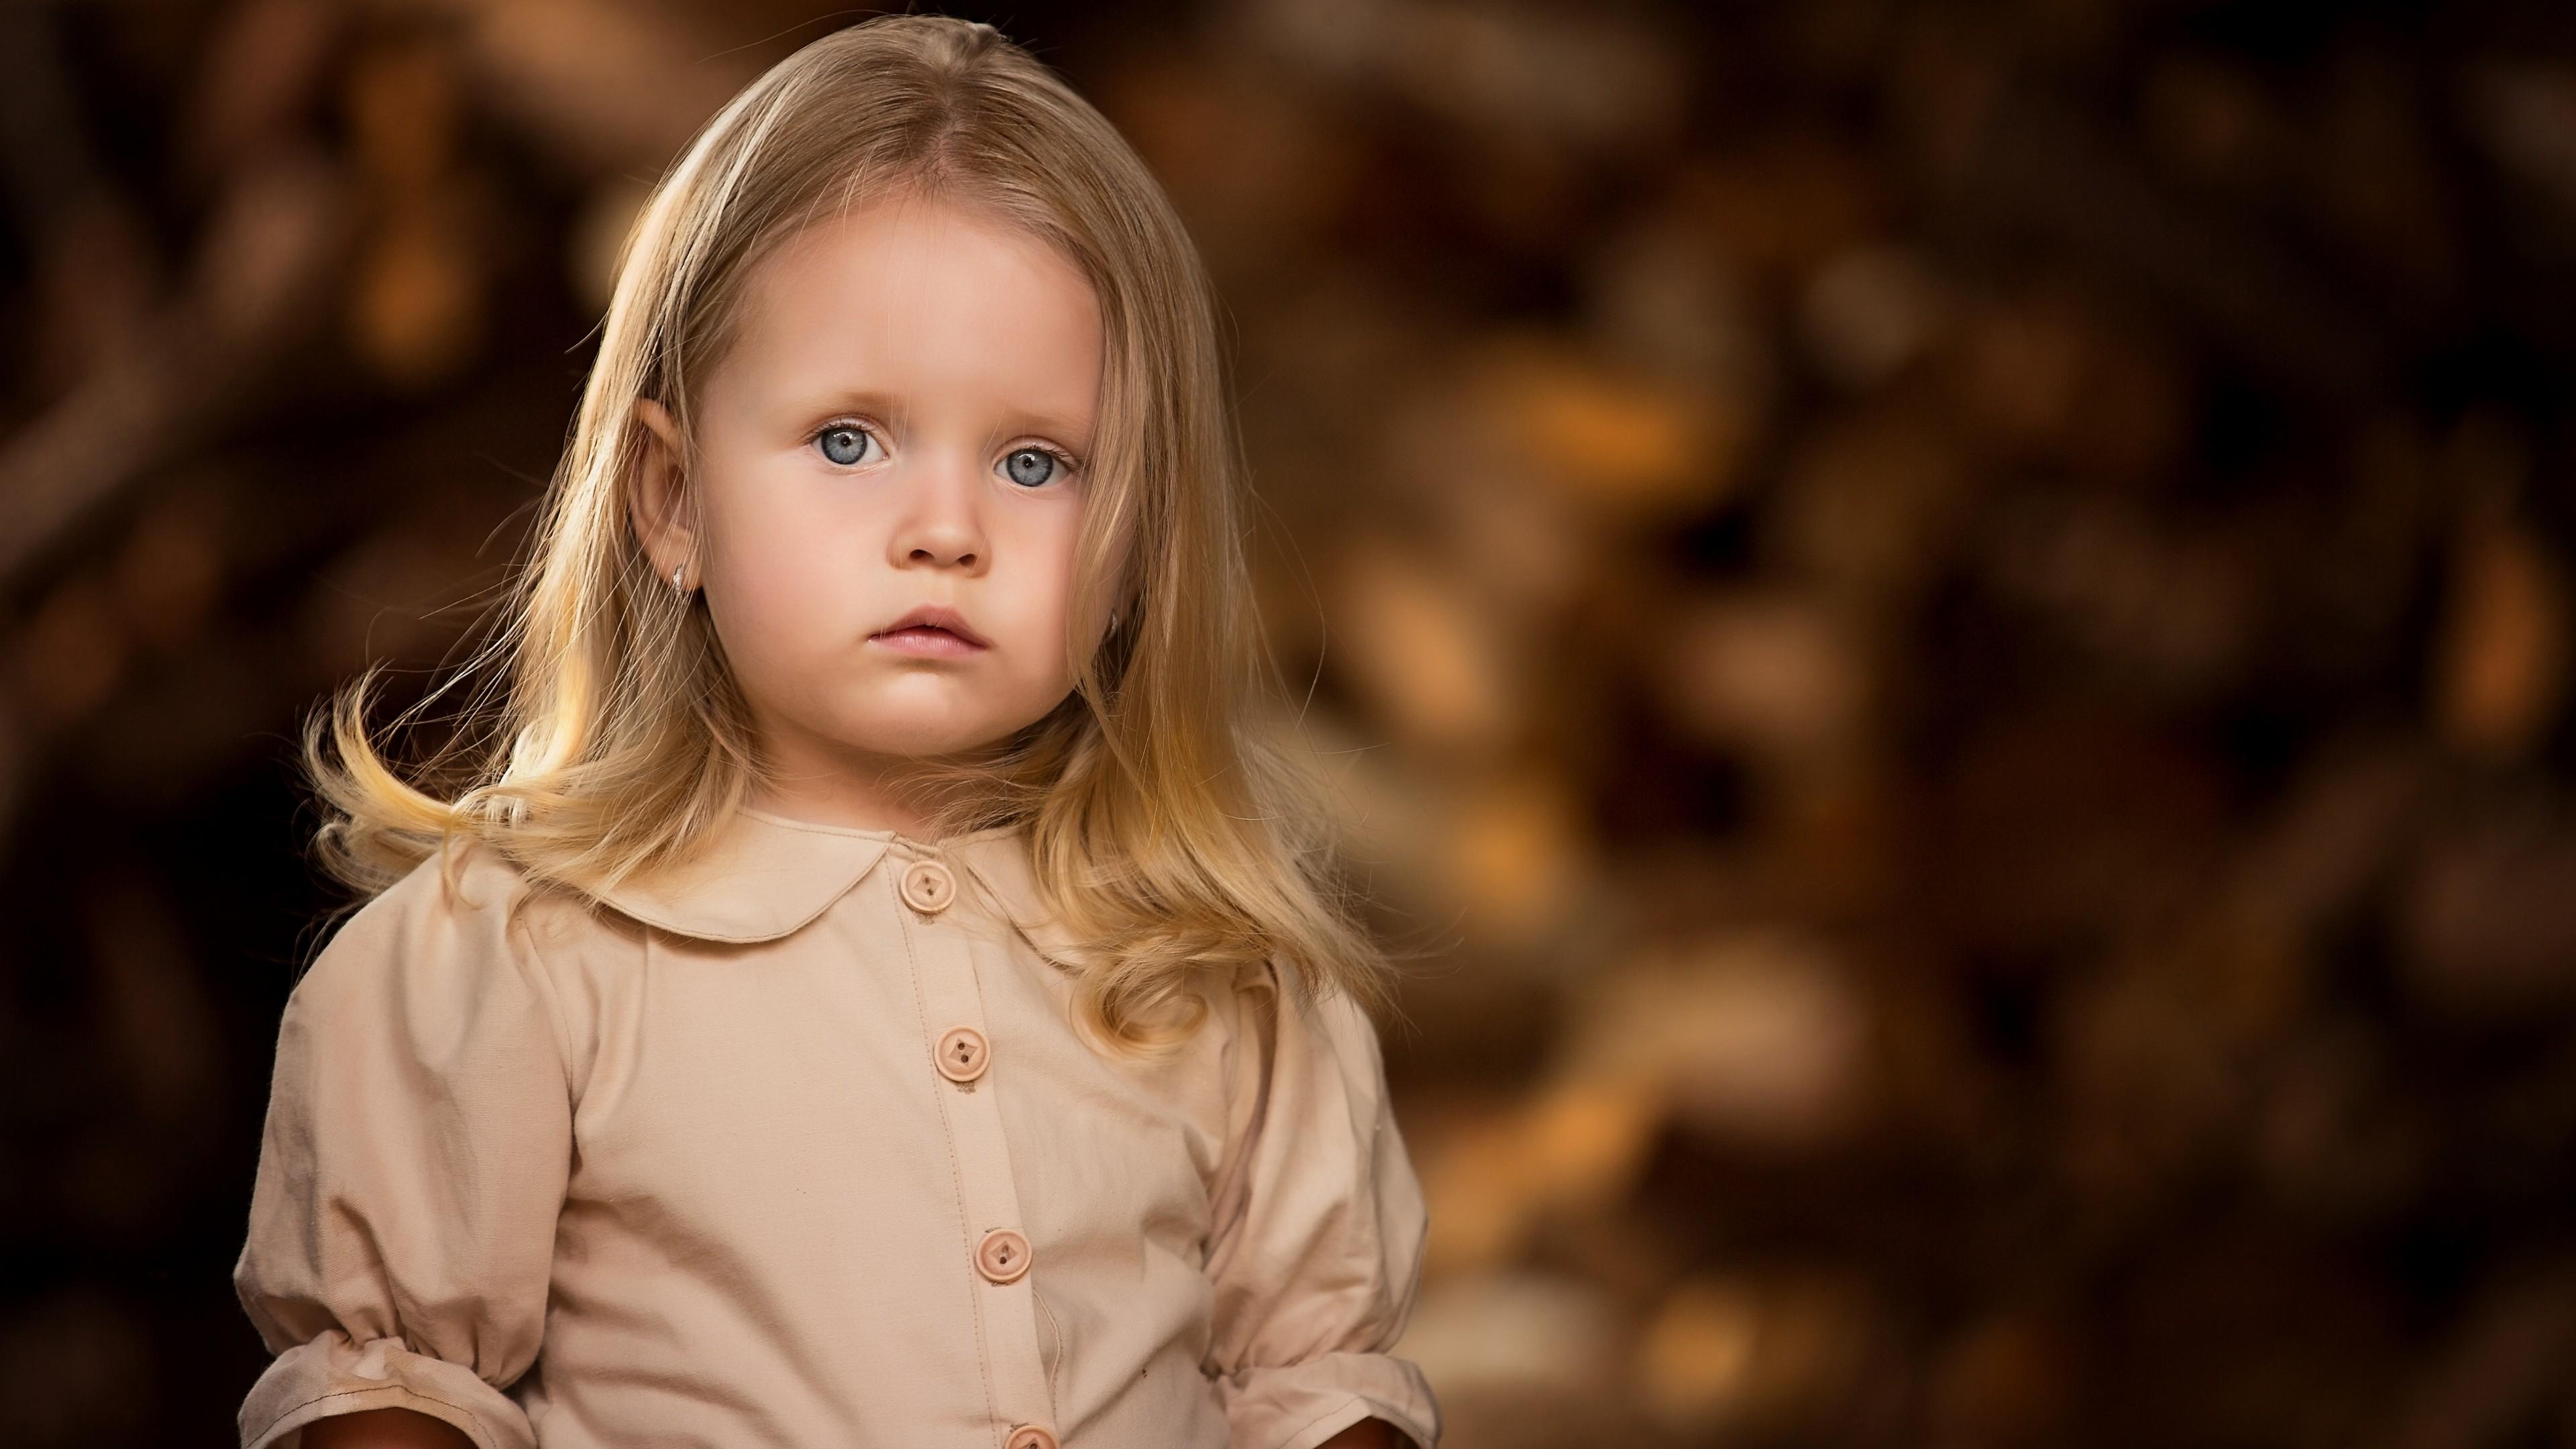 Прелестная маленькая девочка с голубыми глазами и роскошными волосами